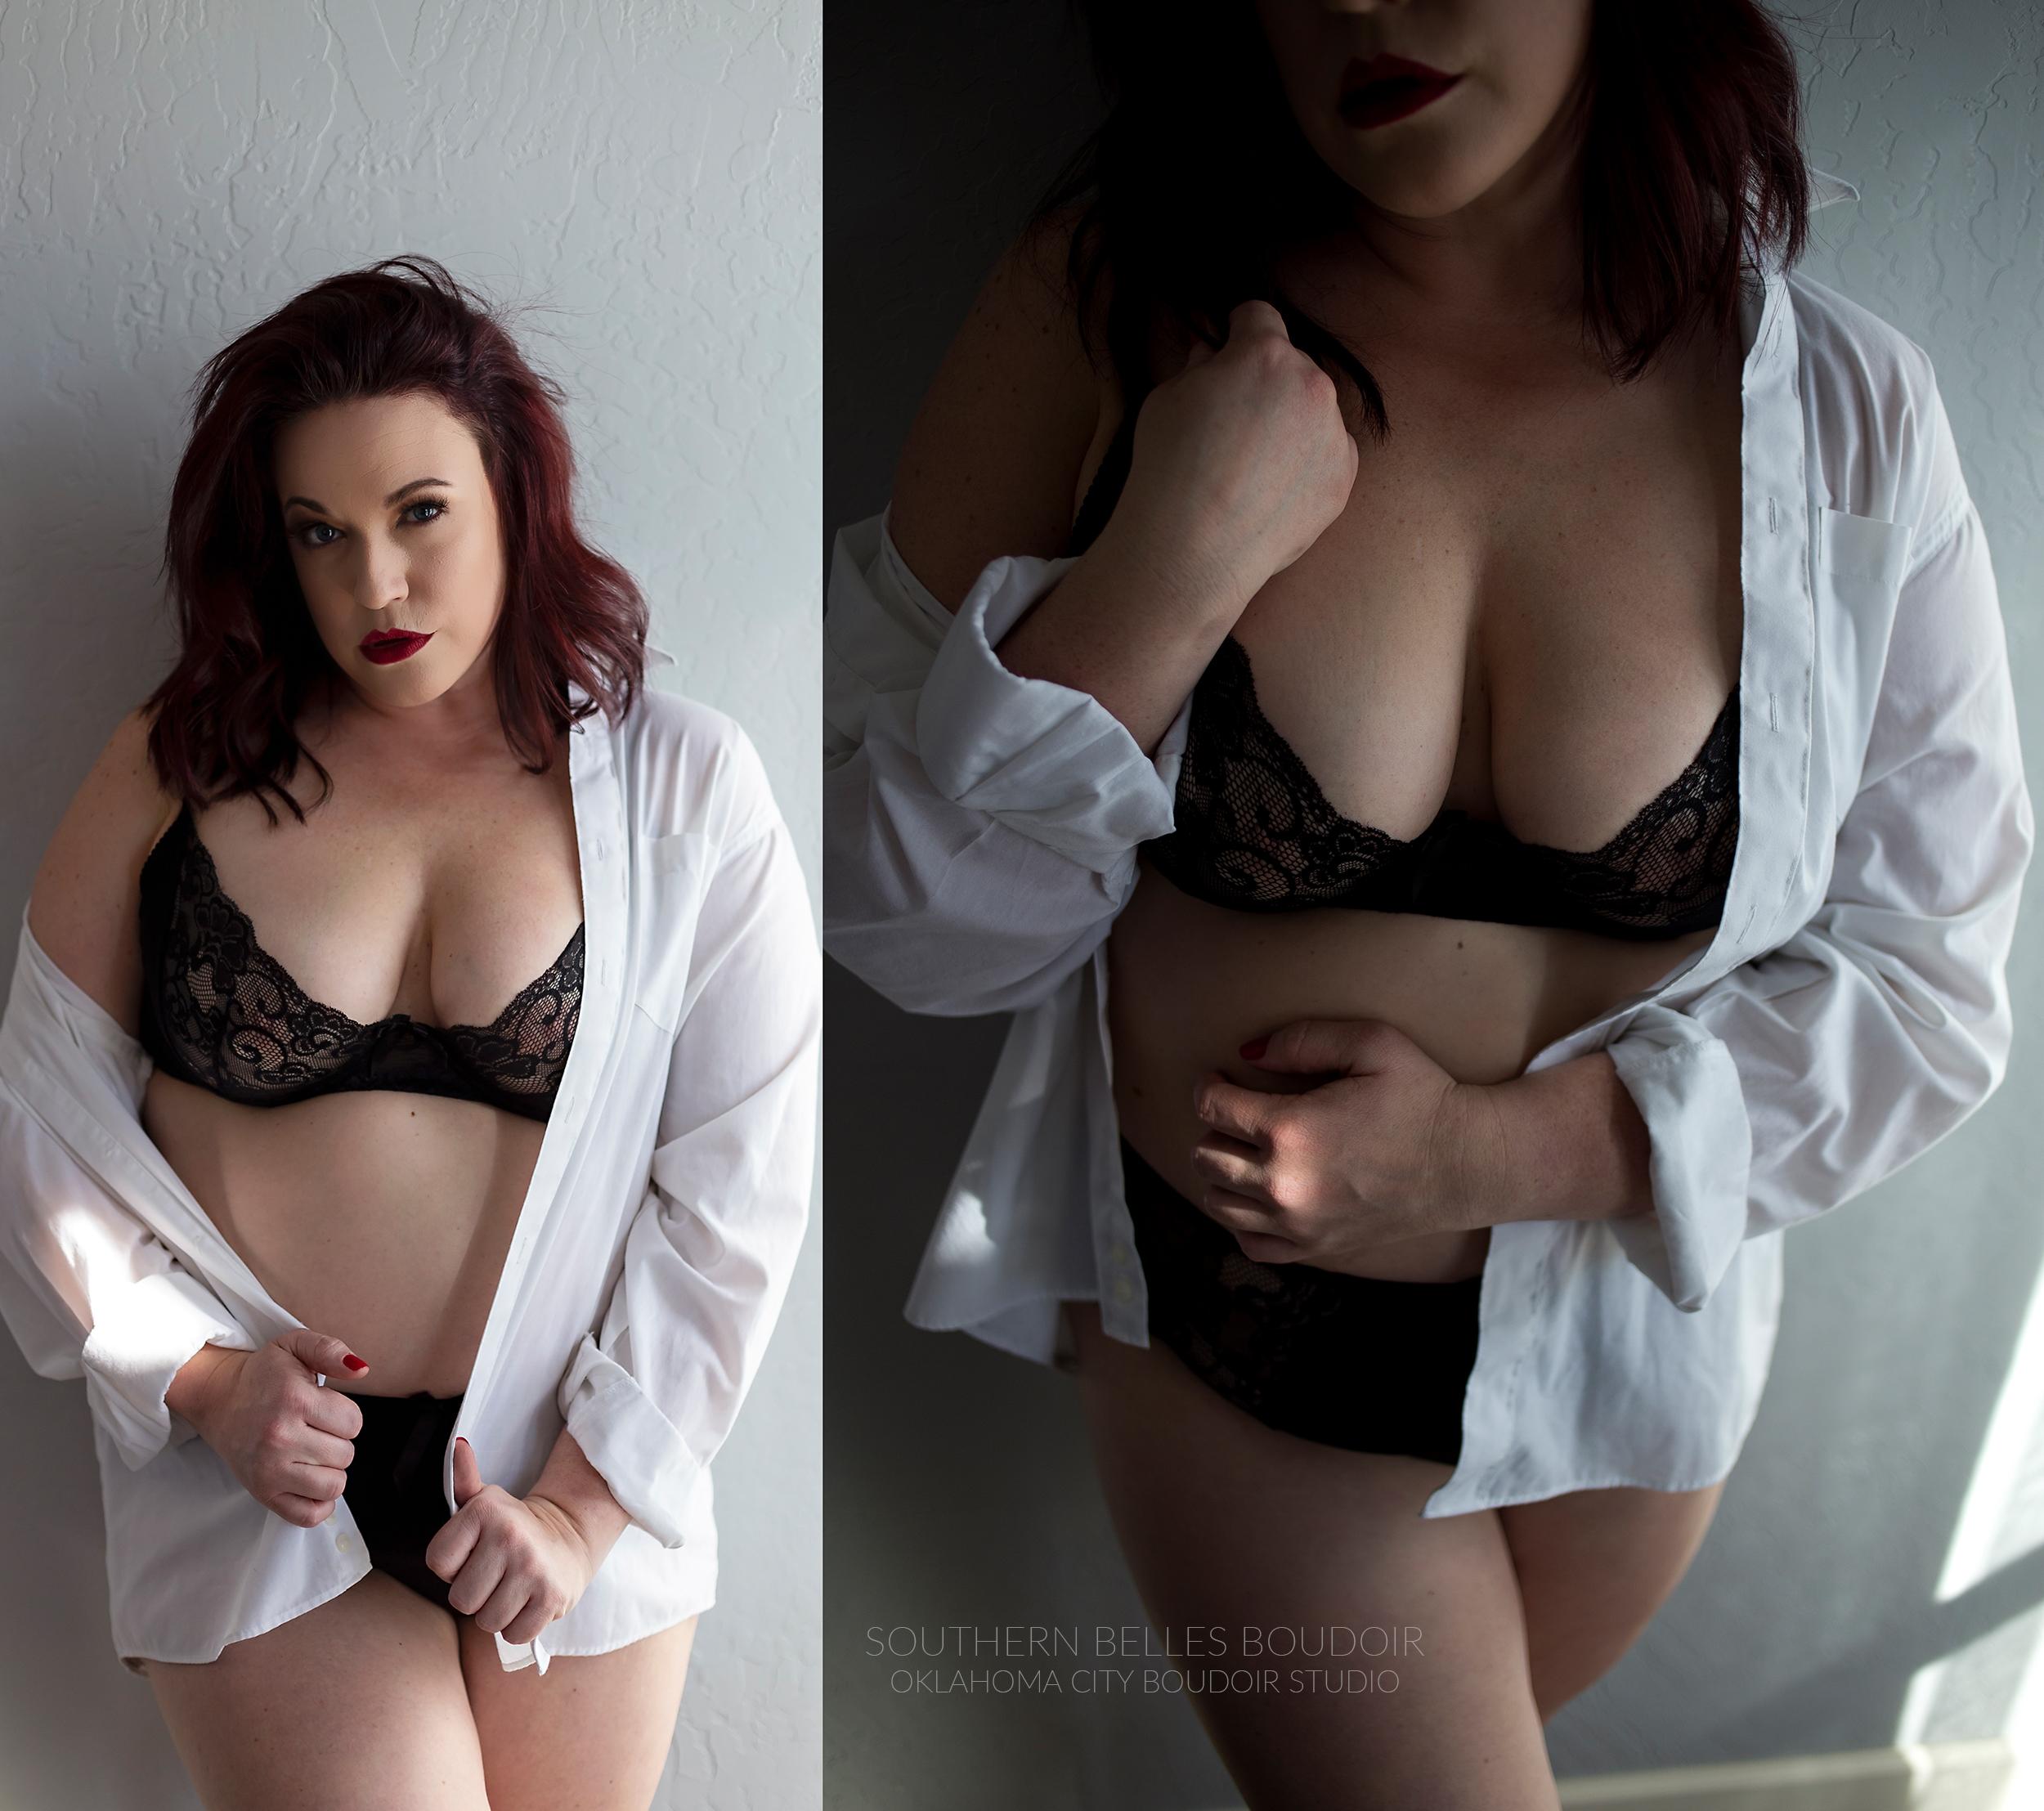 sexyphotosokc.jpg